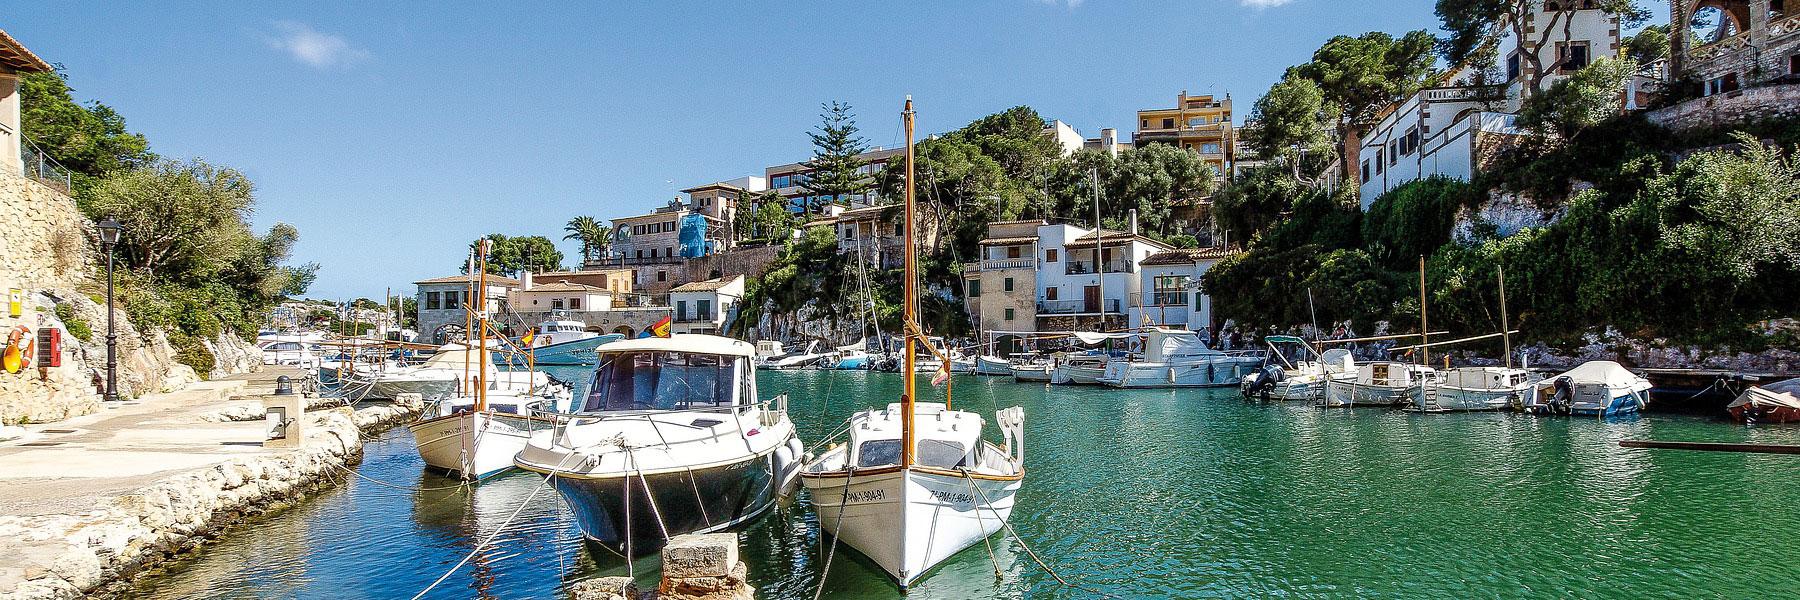 Verkaufen Mallorca 360-Grad